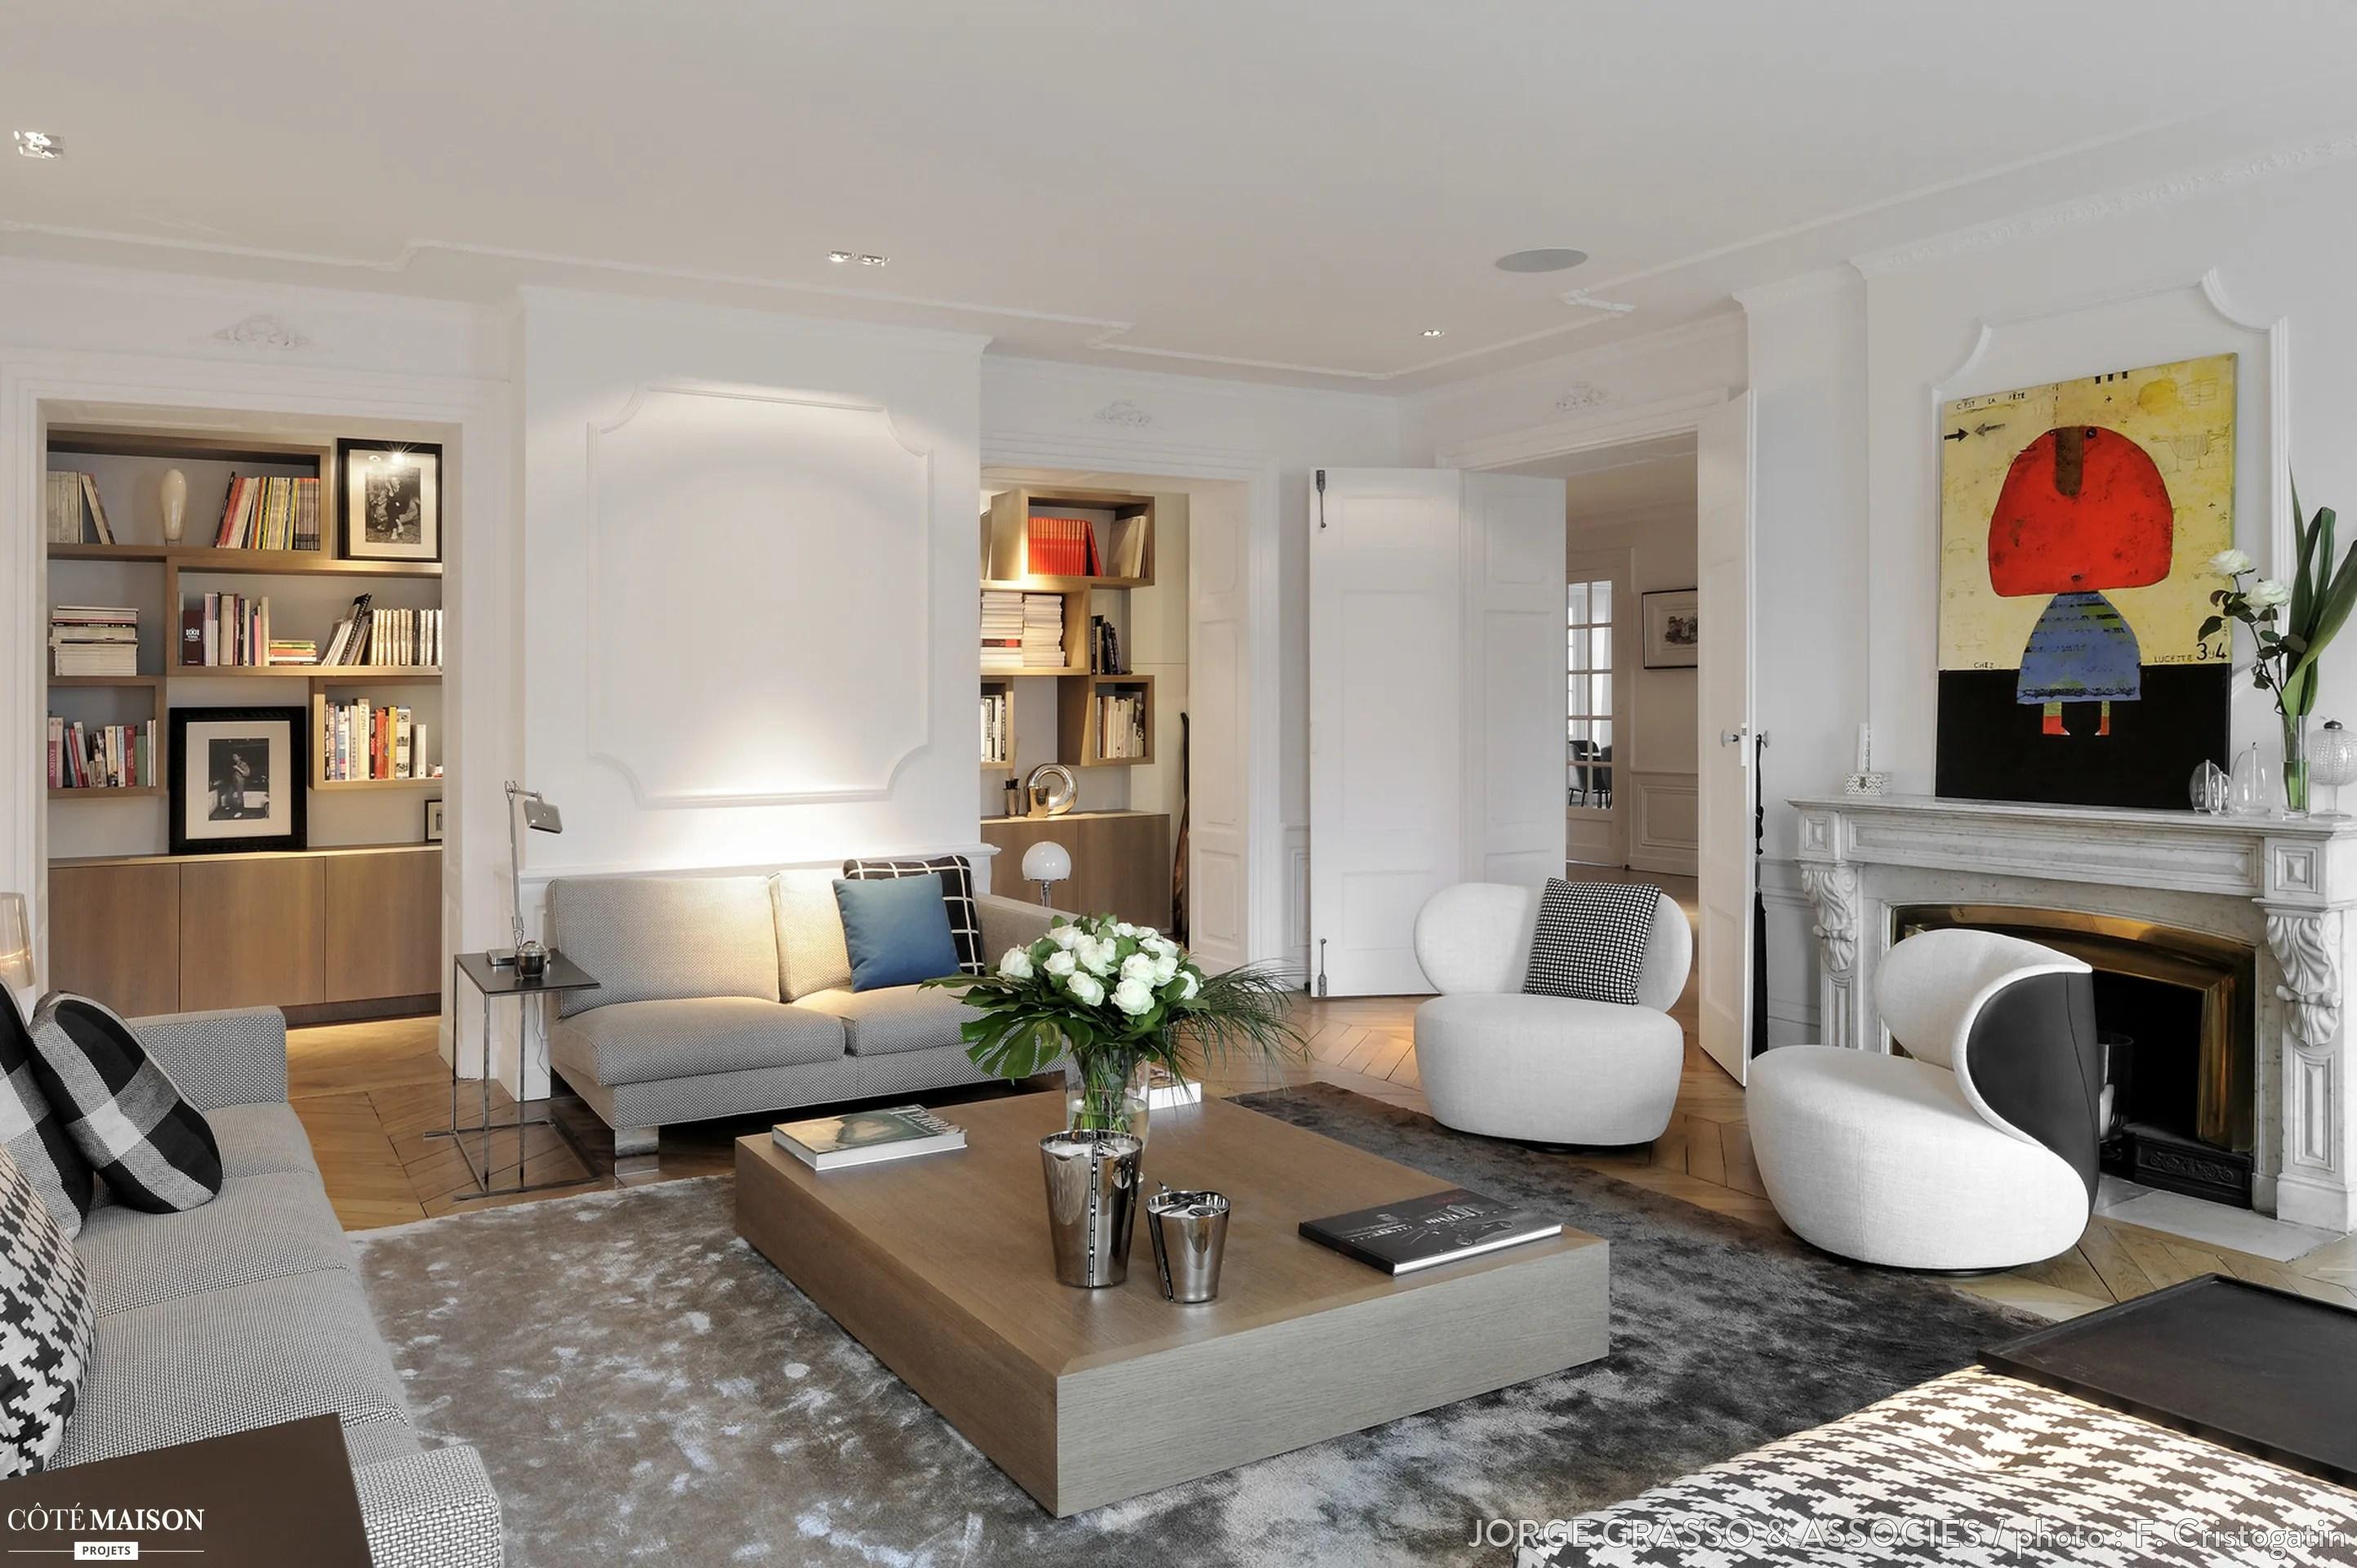 Appartement haussmannien quai de Sane Lyon Jorge Grasso  Ct Maison